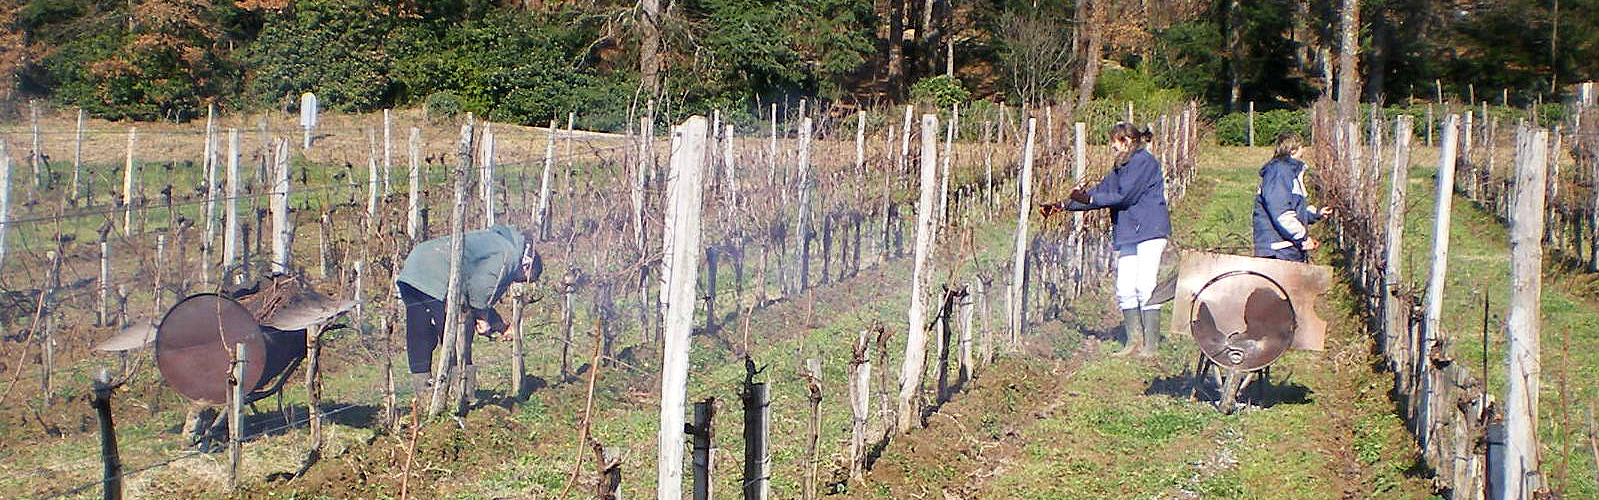 vigne-bandeau-2-domaine-le-perrier-500